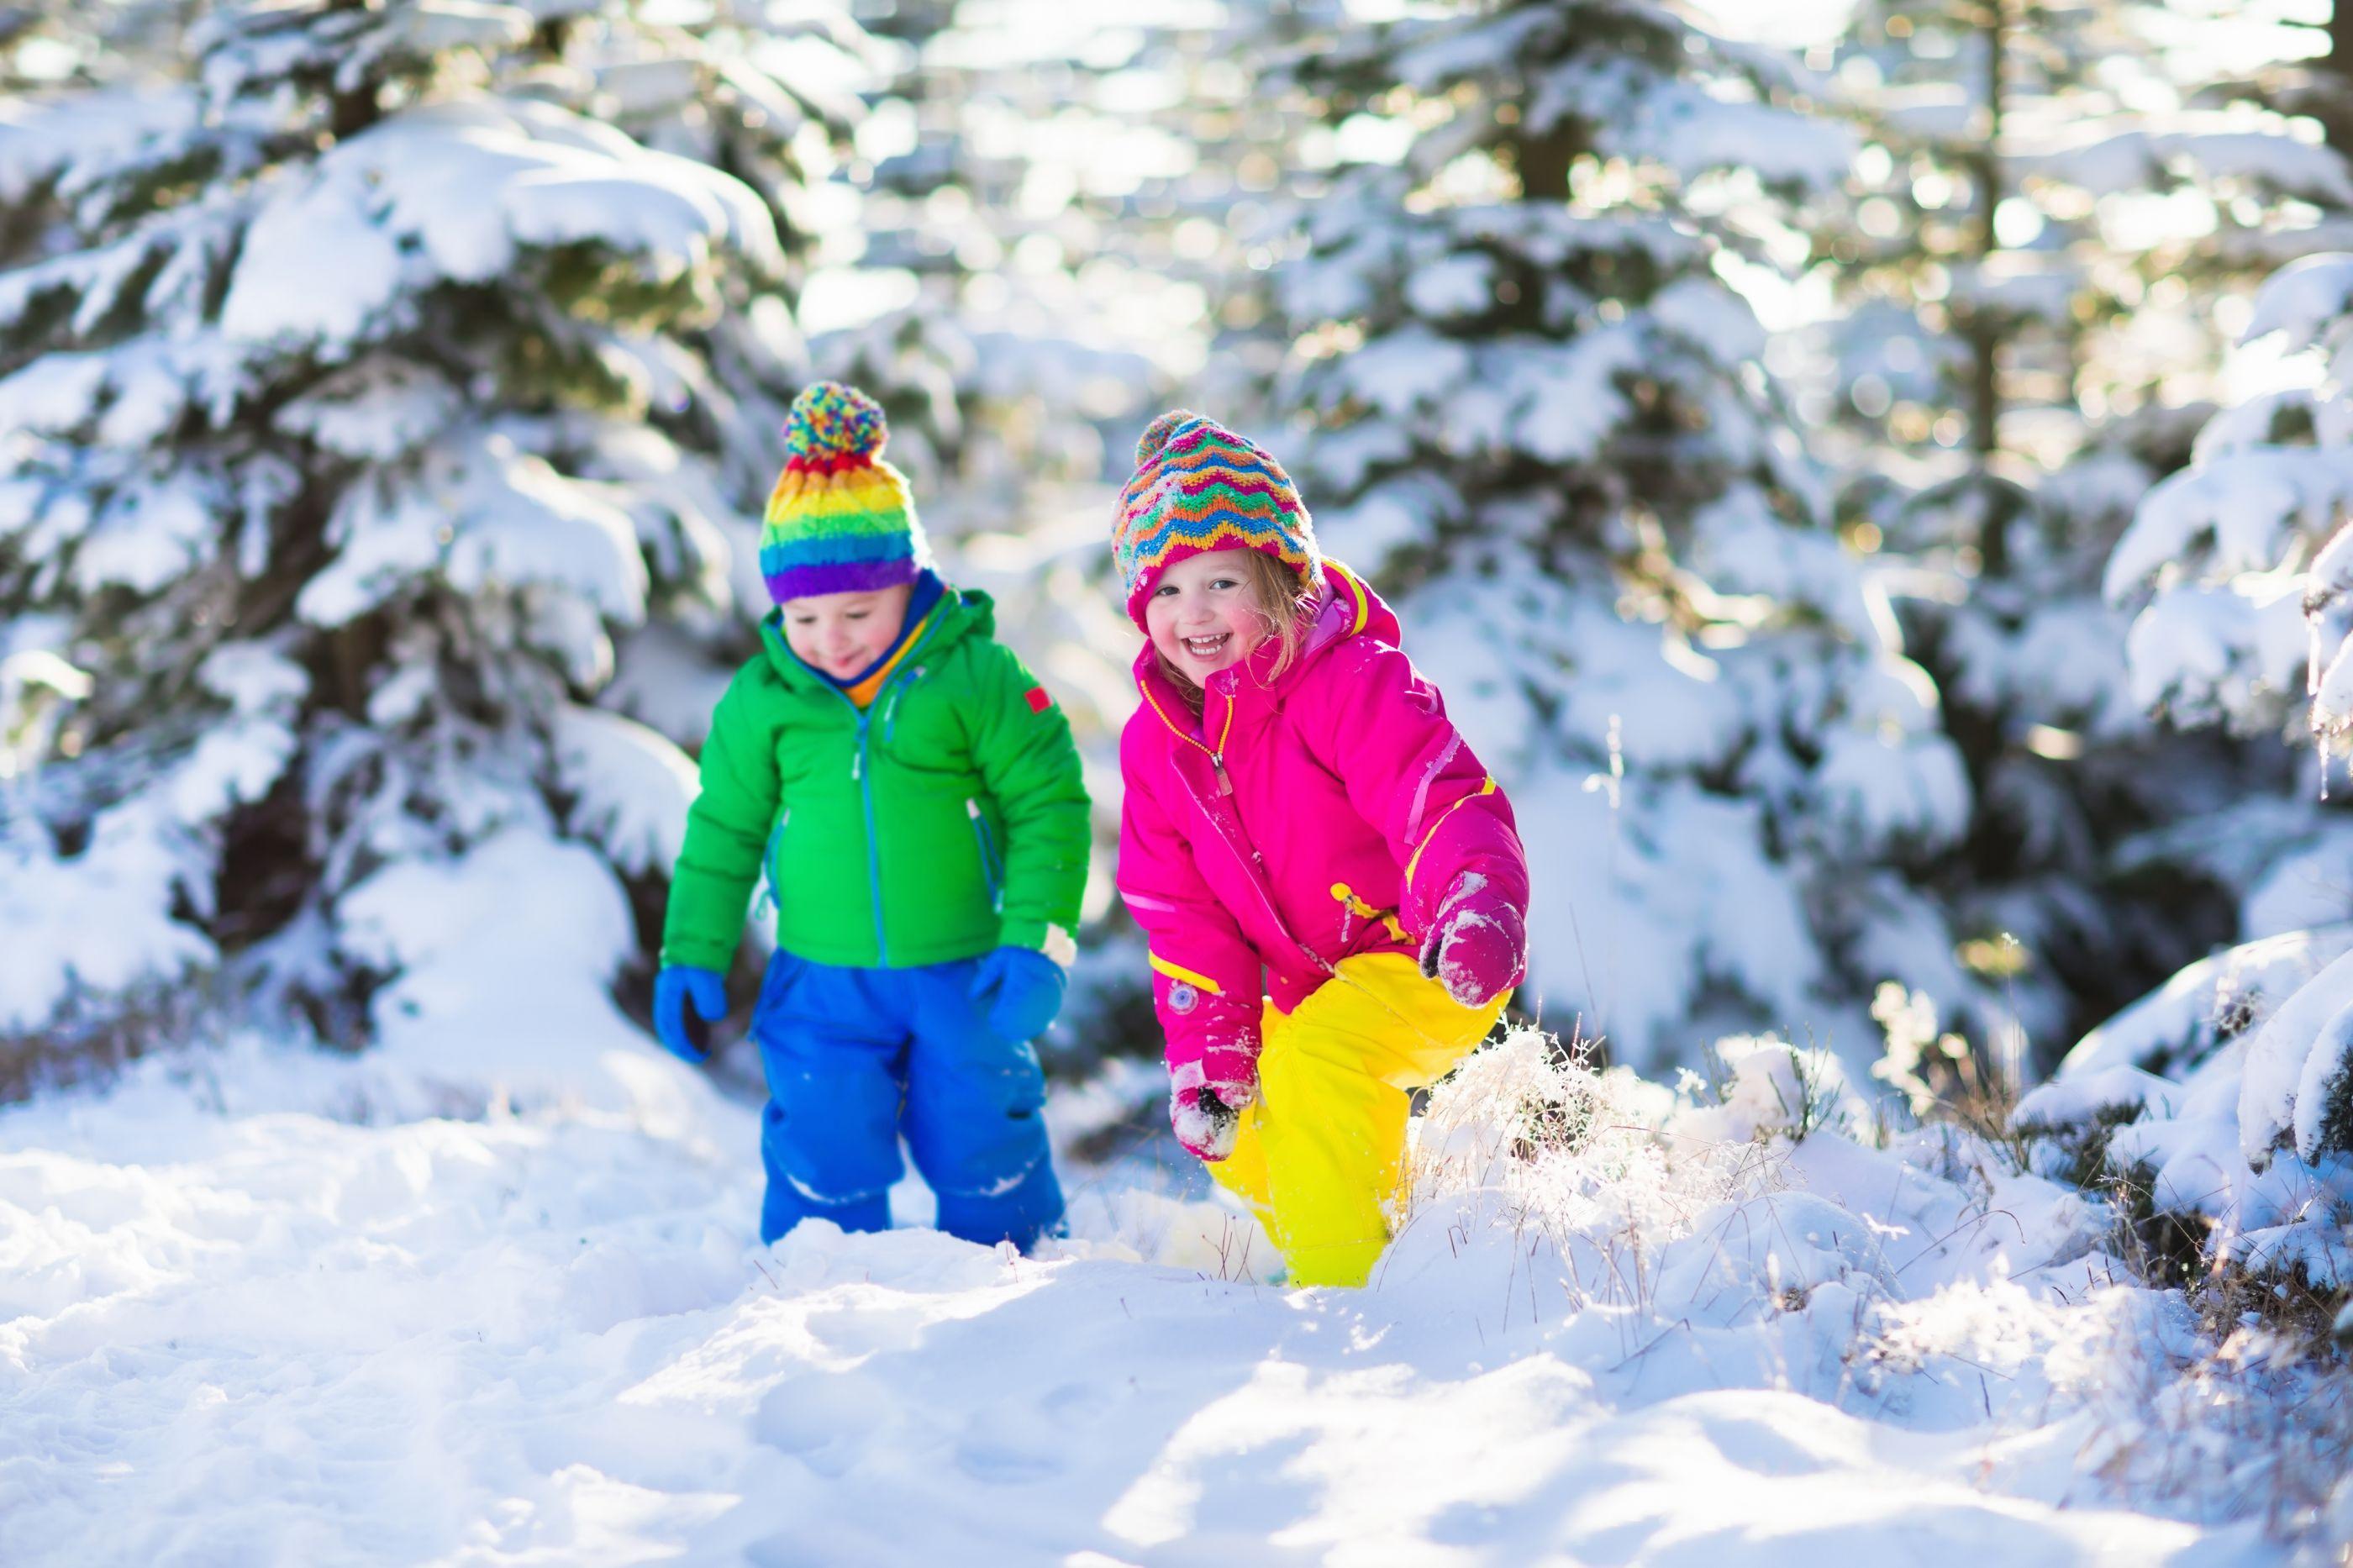 Saiba como é que os casacos puffer podem pôr em risco a saúde dos miúdos